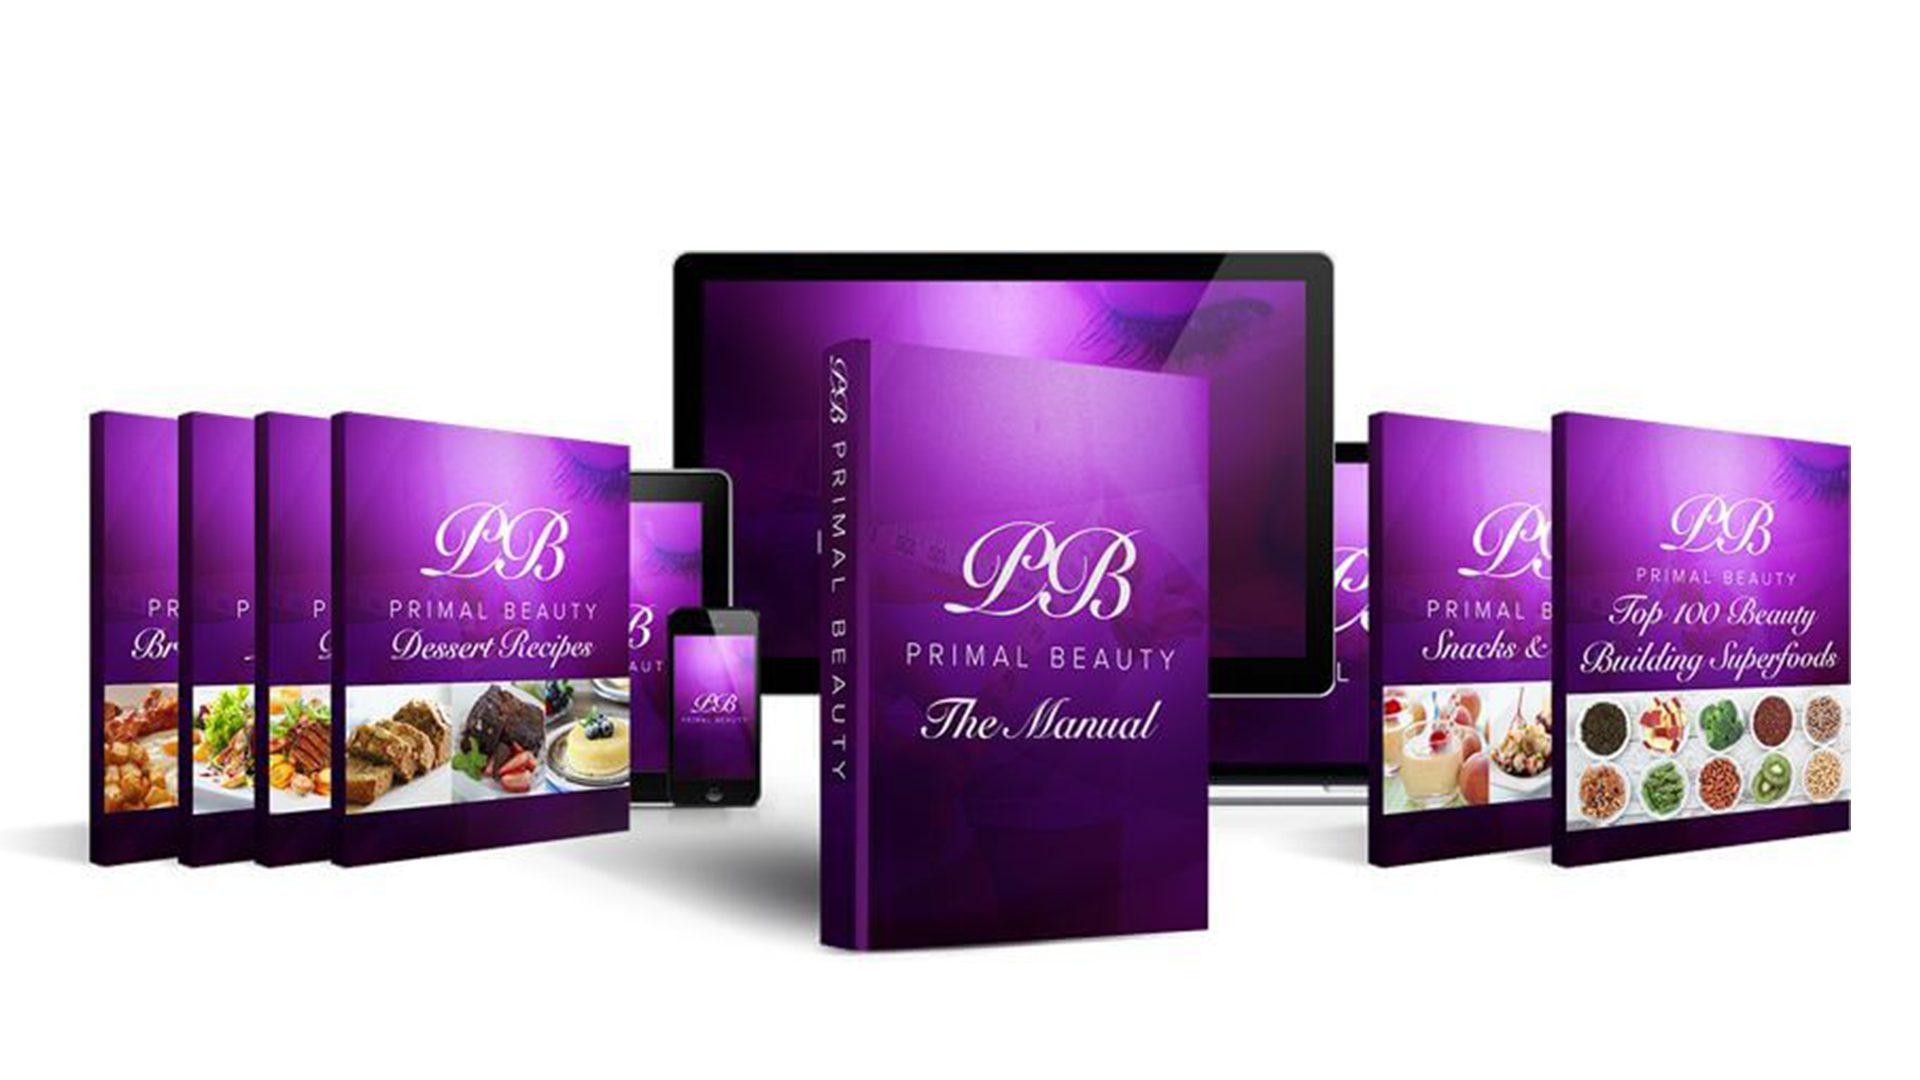 Primal-Beauty-Secrets-review